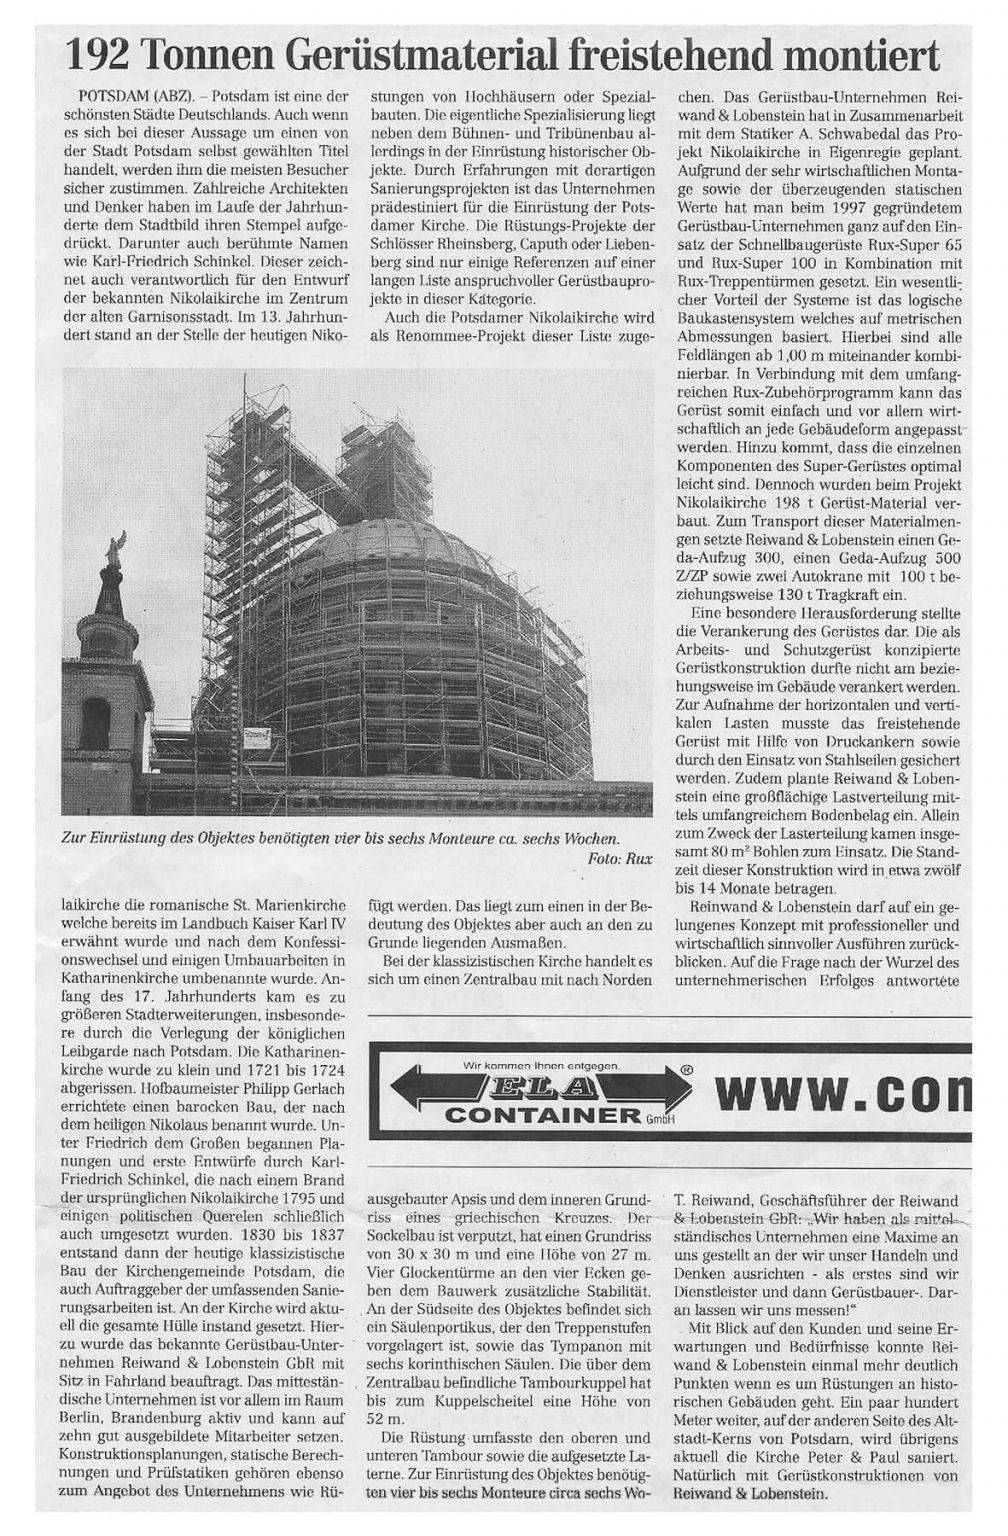 Gerüstbau Nikolaikirche Potsdam montiert von Reiwand und Lobenstein